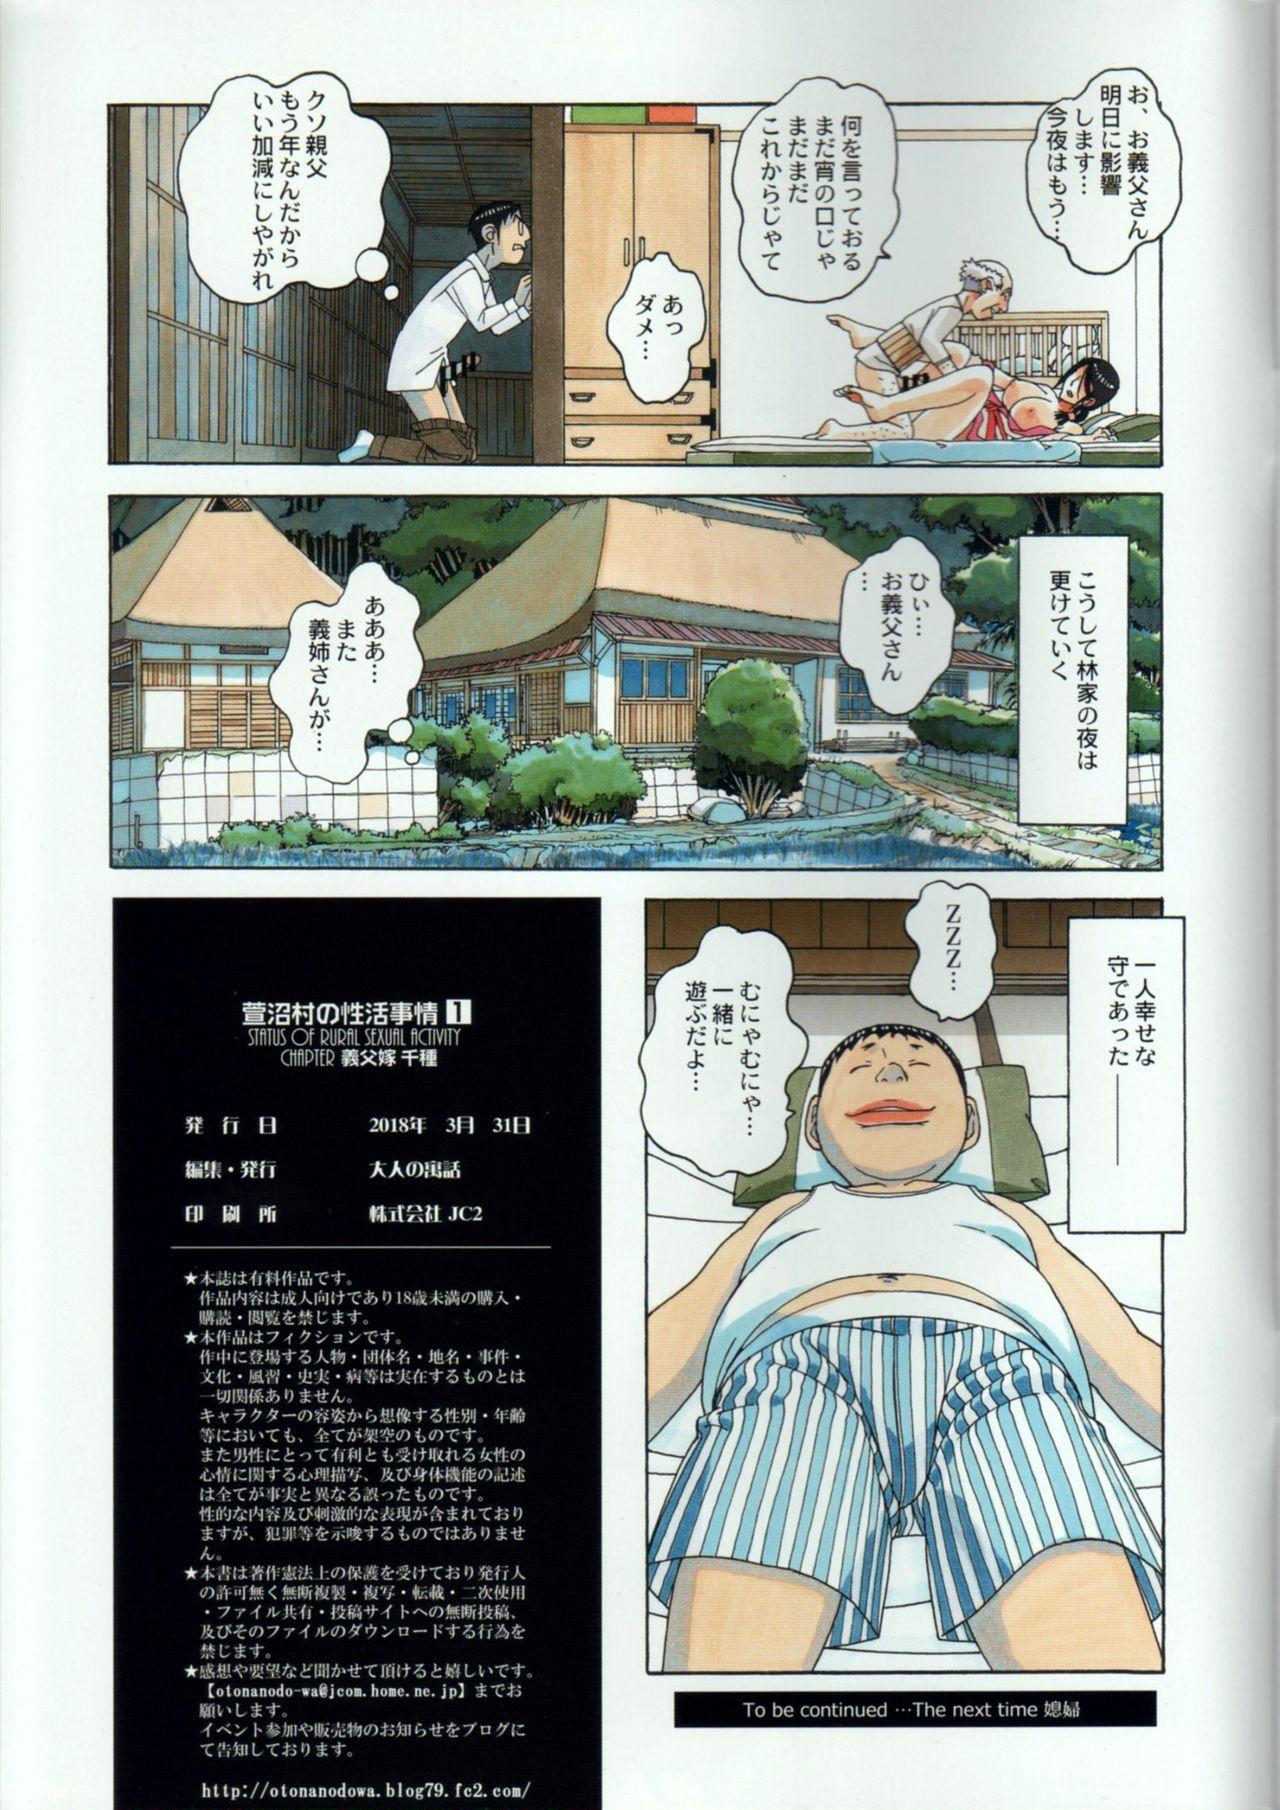 Kainuma Mura no Seikatsu Jijou 1 Gifuyome Chigusa 36